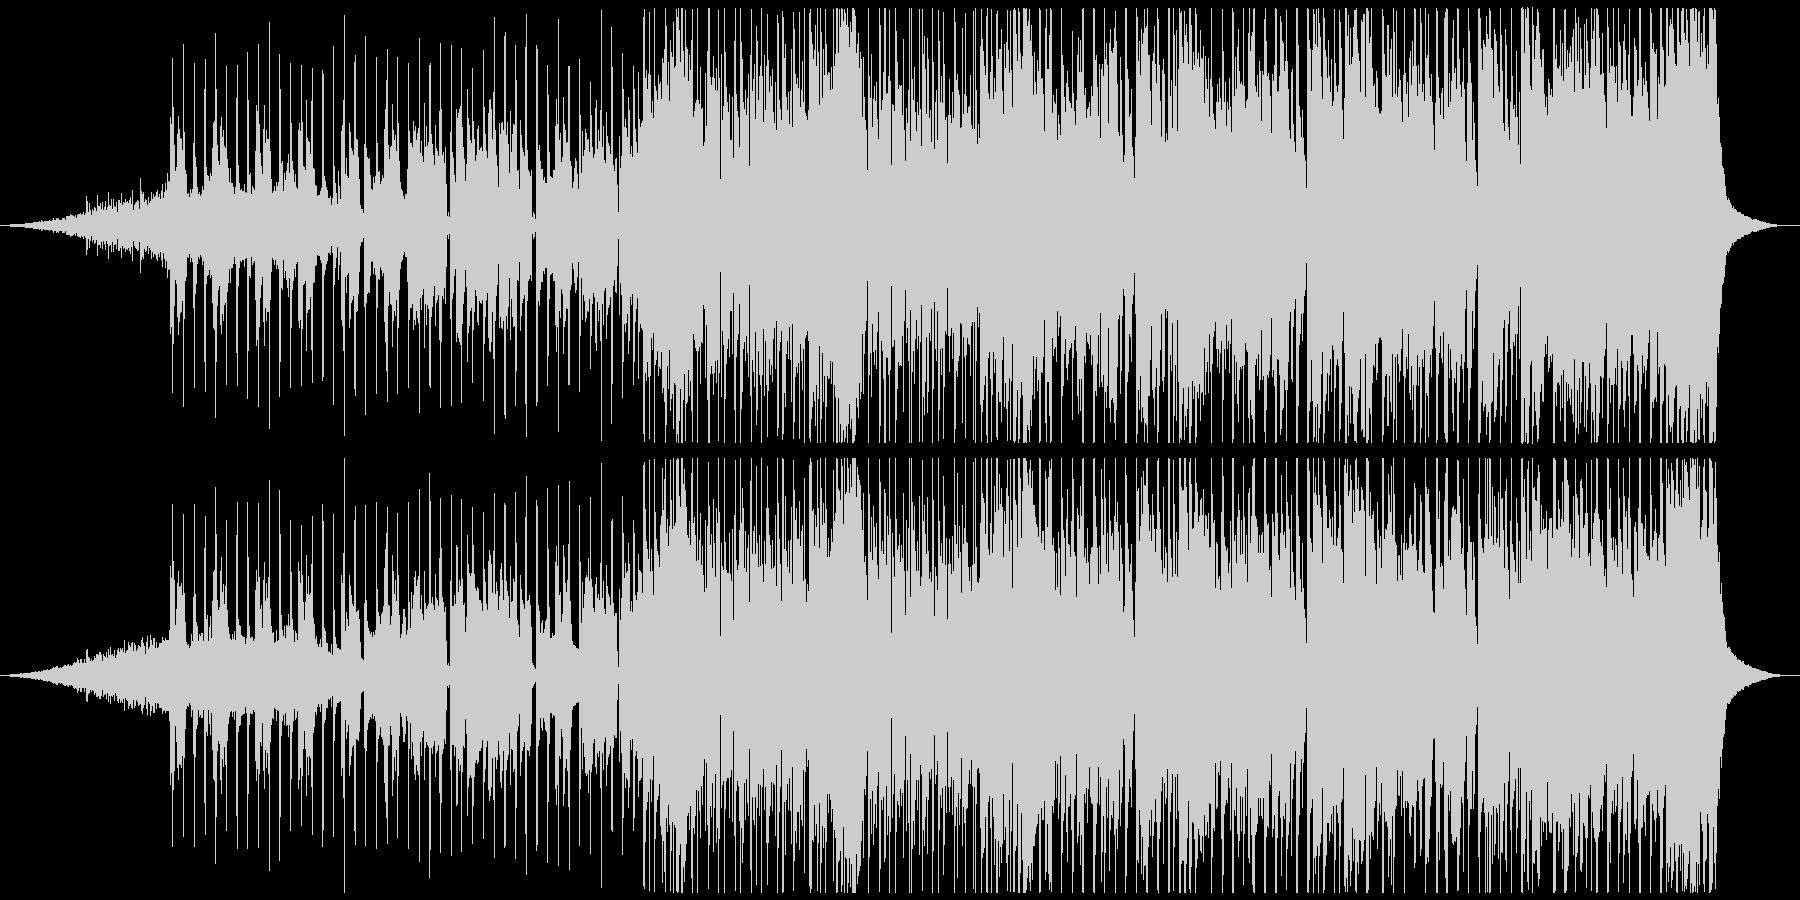 ディスコ風のオープニングジングルの未再生の波形